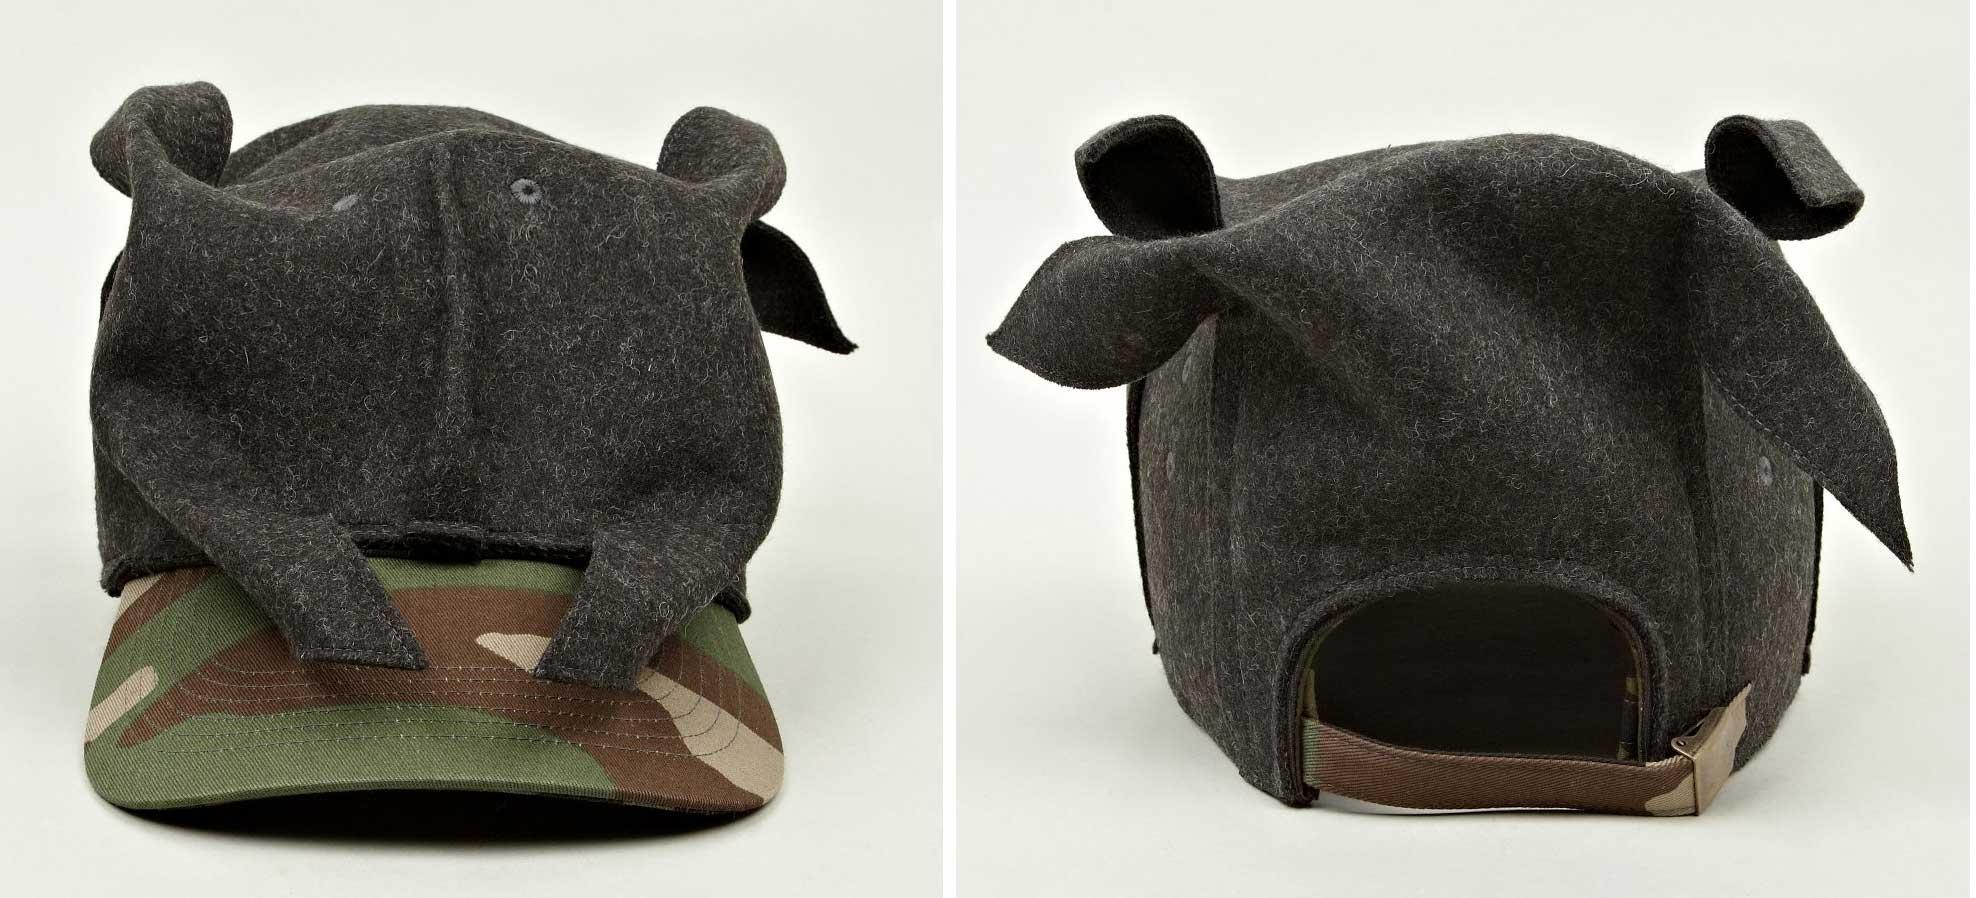 Bernhard-Willhelm-Ears-Hat-1